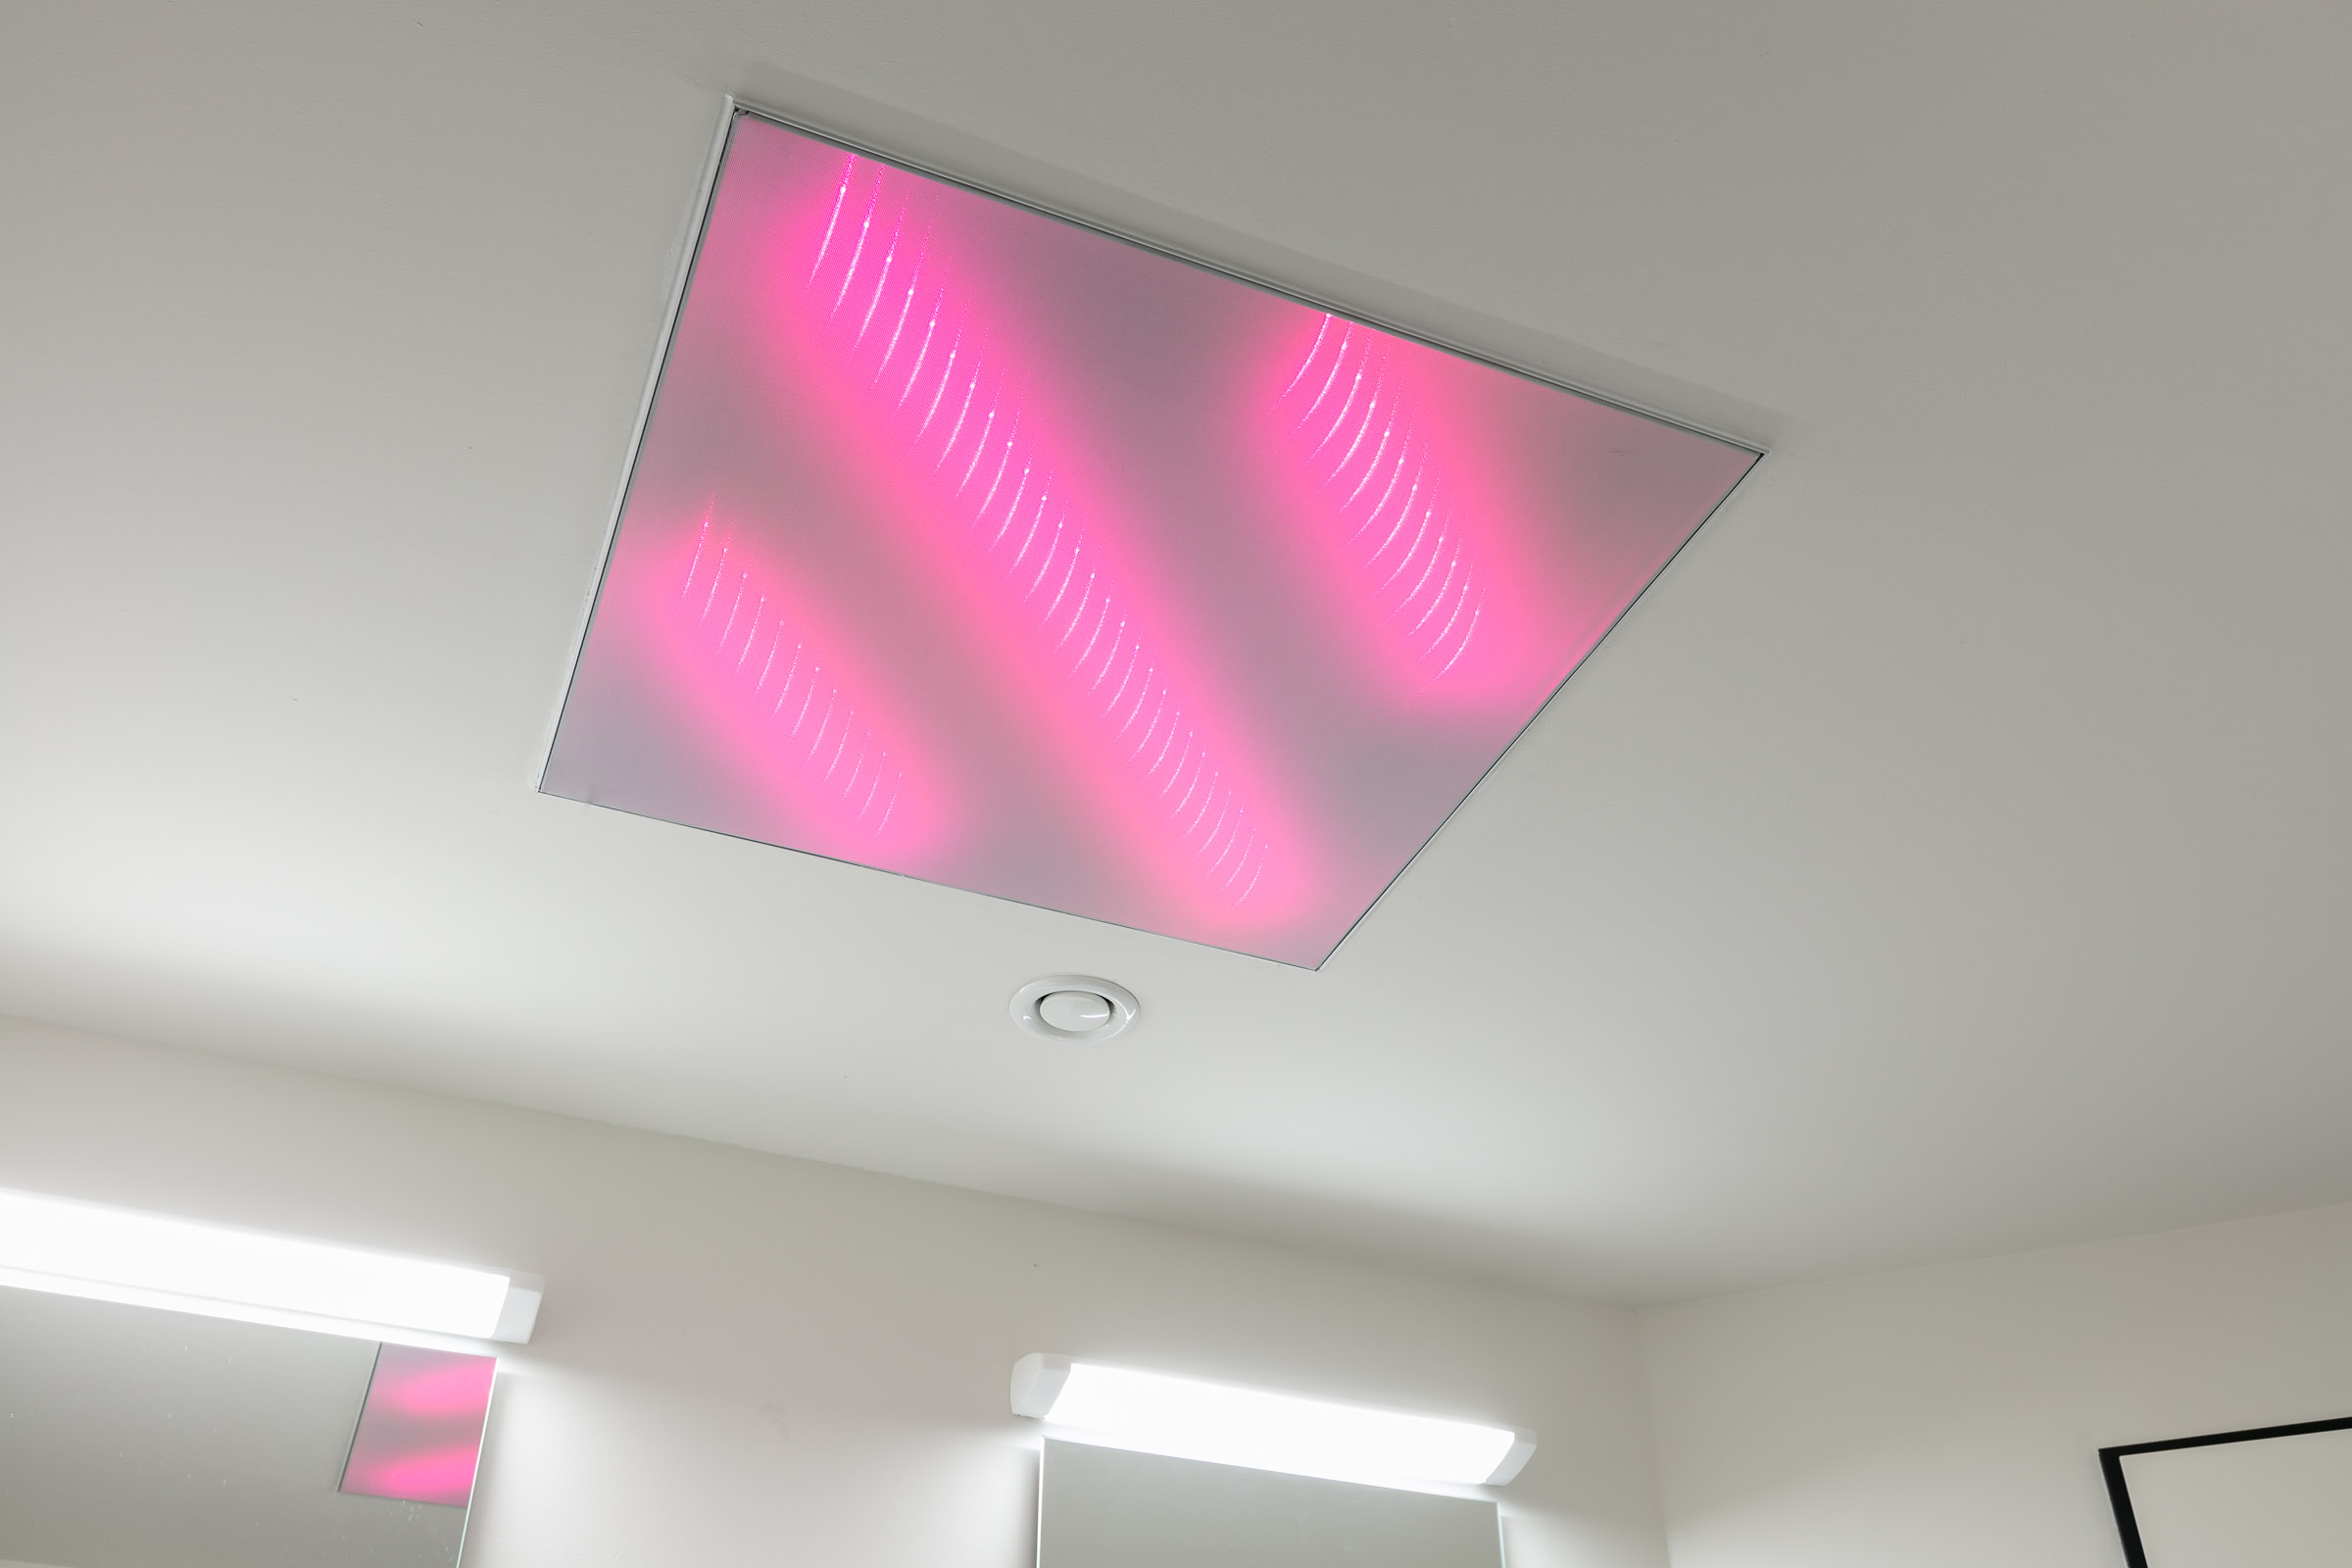 Quadratische Deckenverkleidung mit LEDs in pink leuchtend